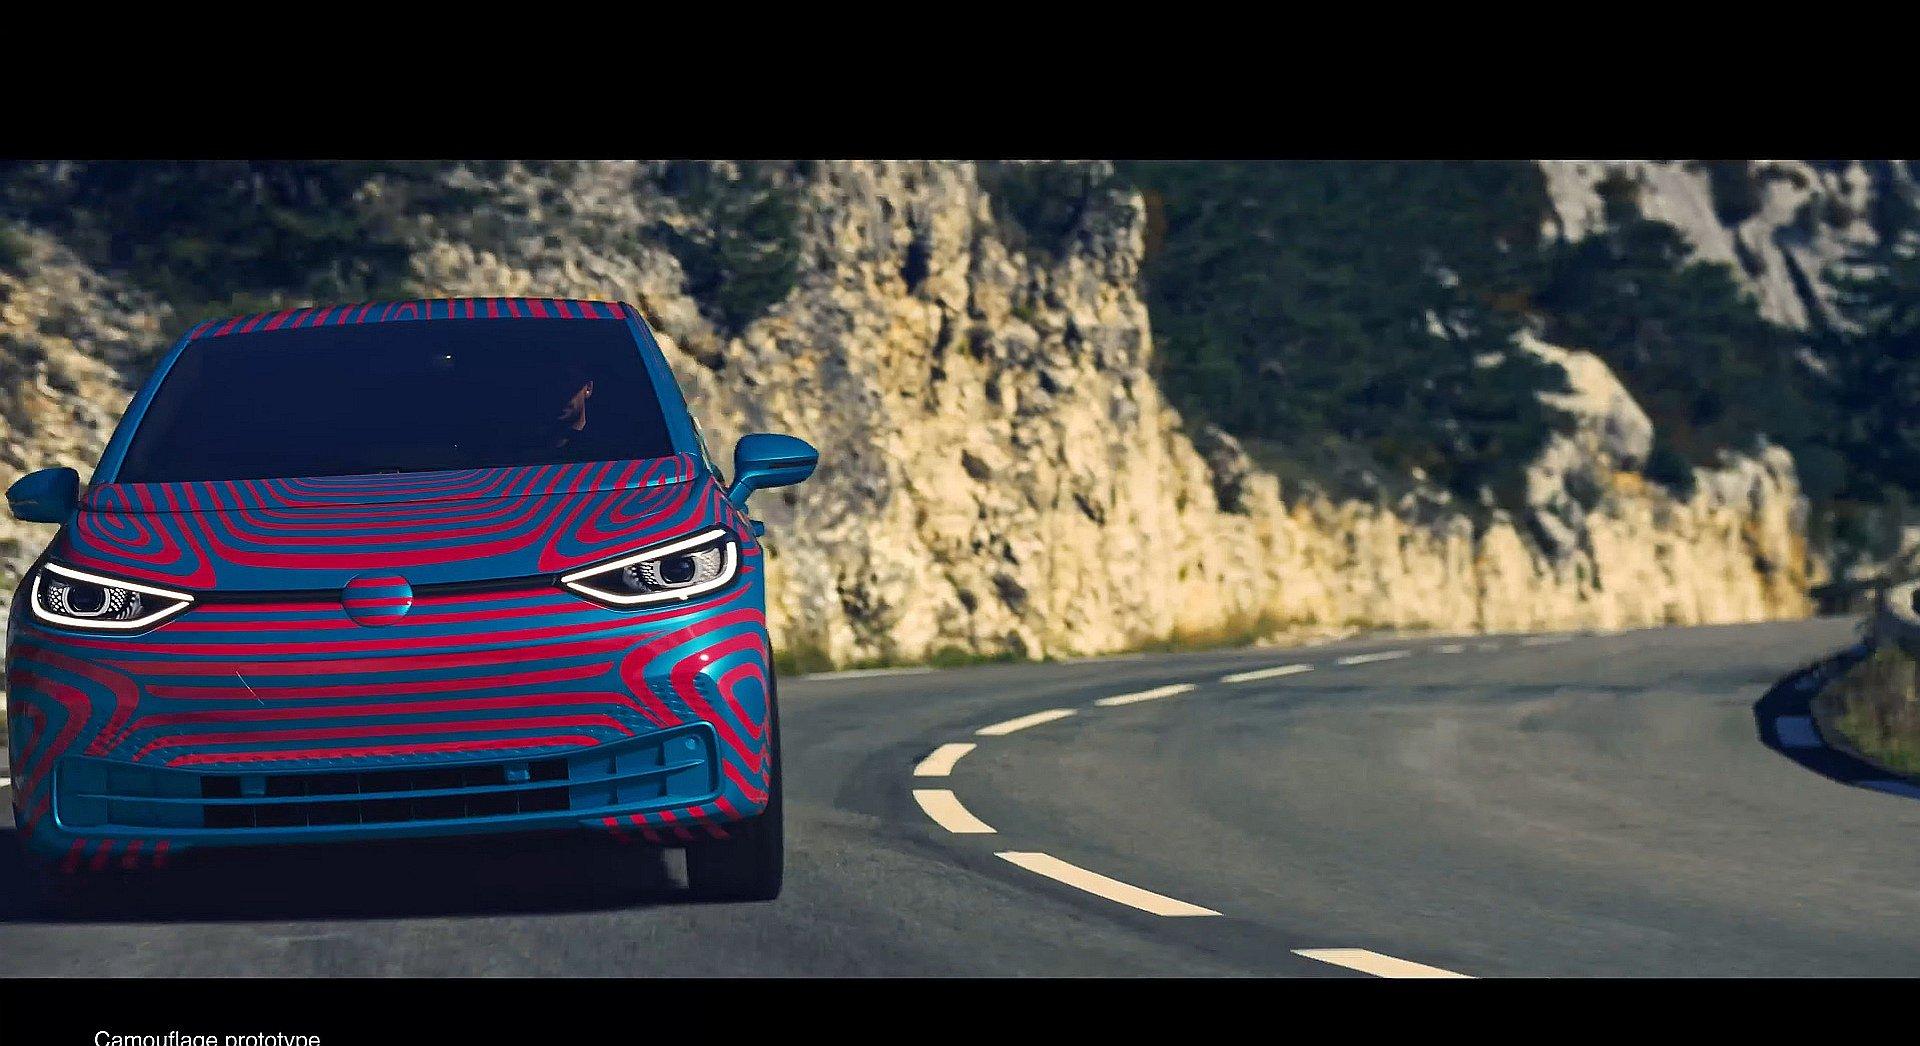 2020-volkswagen-id3-teased-with-550-km-range_2